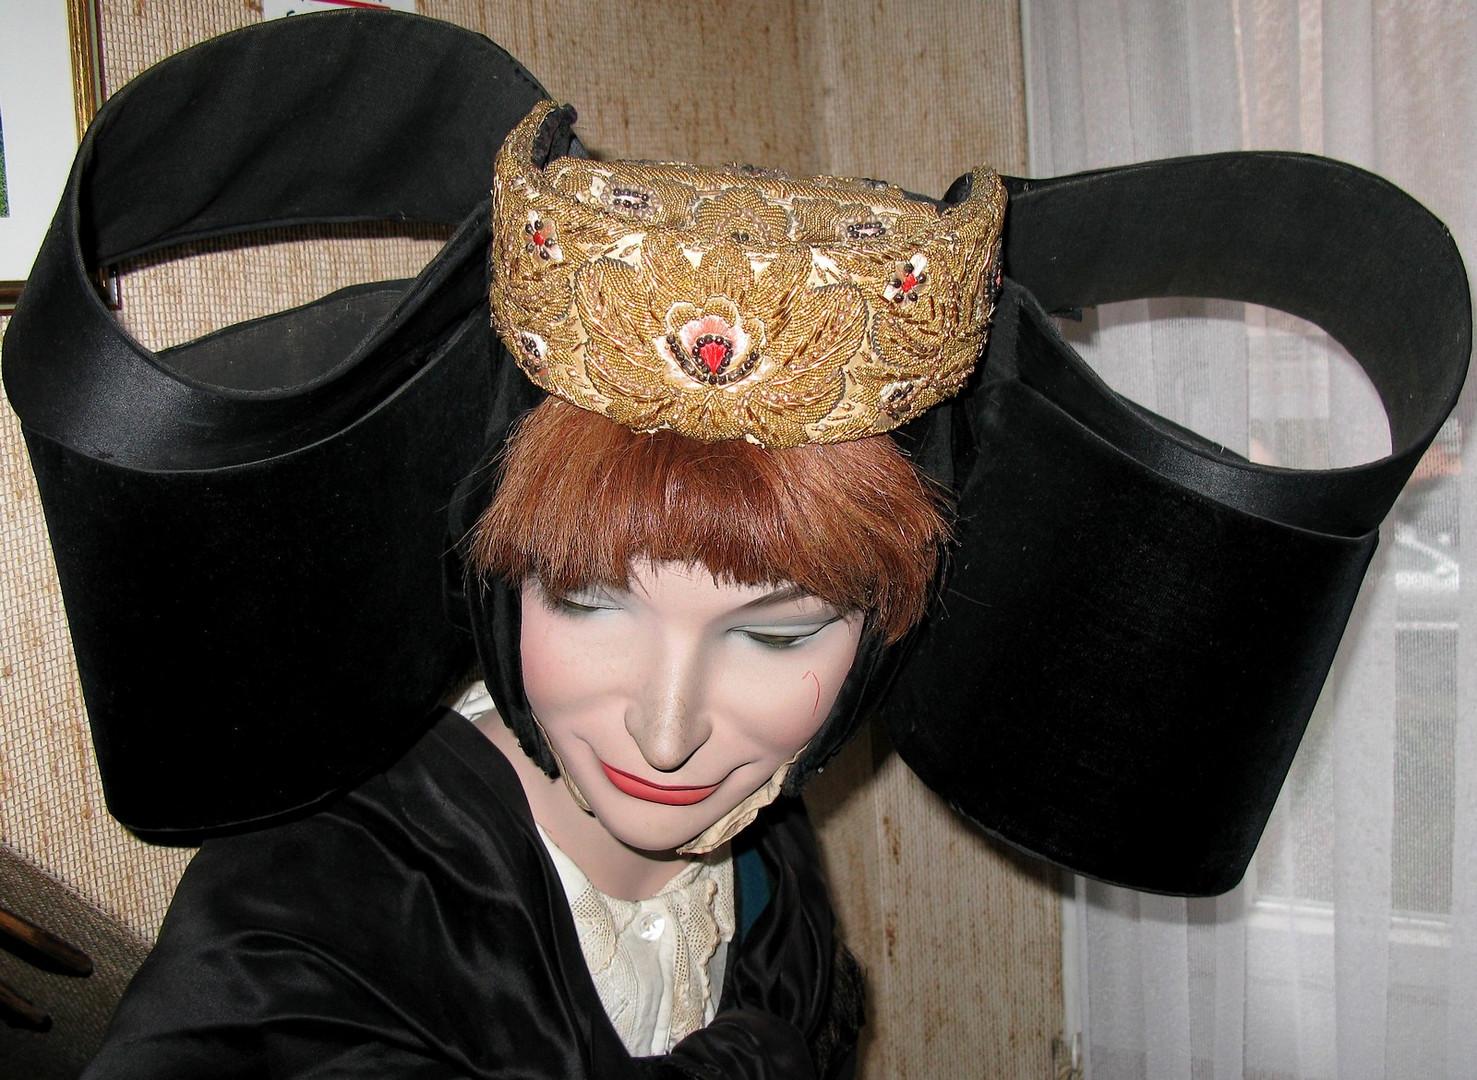 Ihre Mutter mit ihrem regionalen Hut  :-))